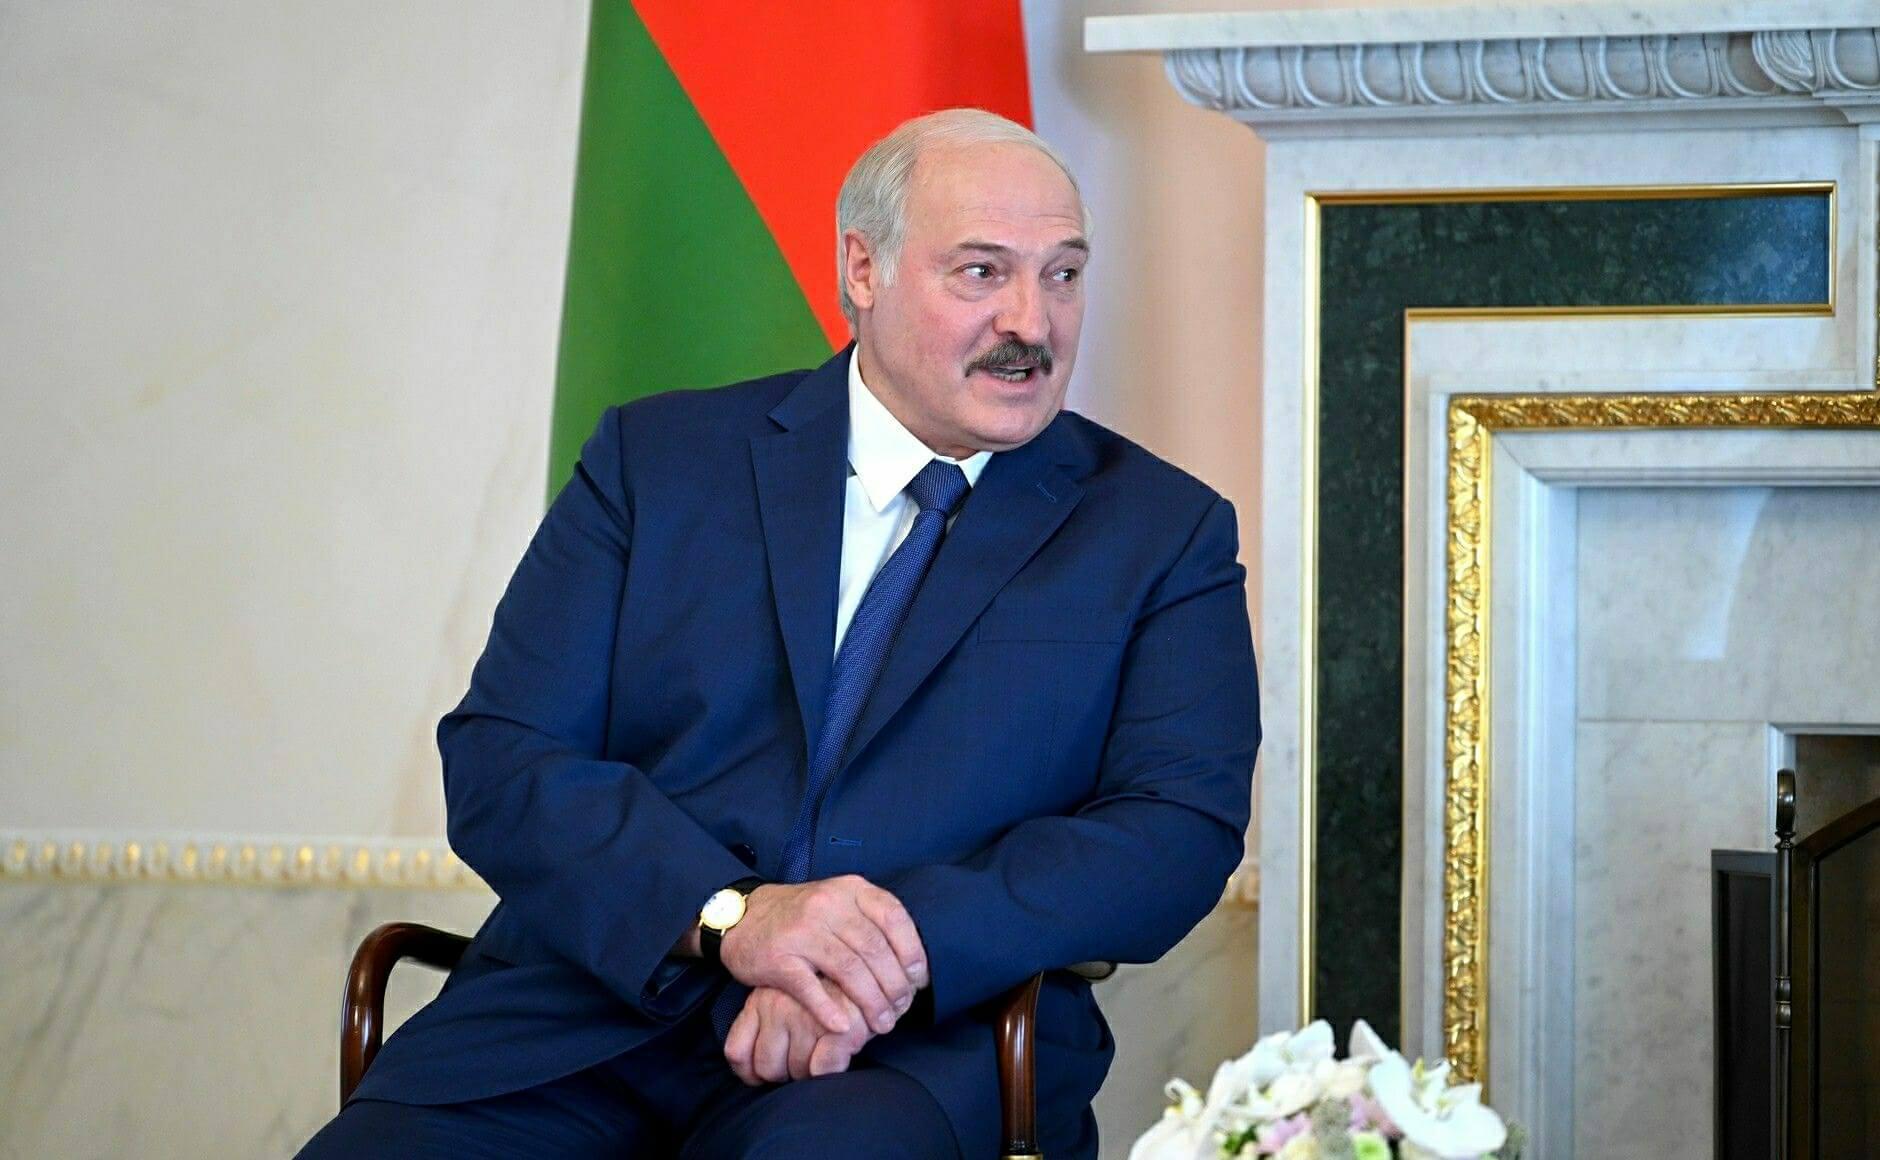 Kremlin Pool/via Global Look Press